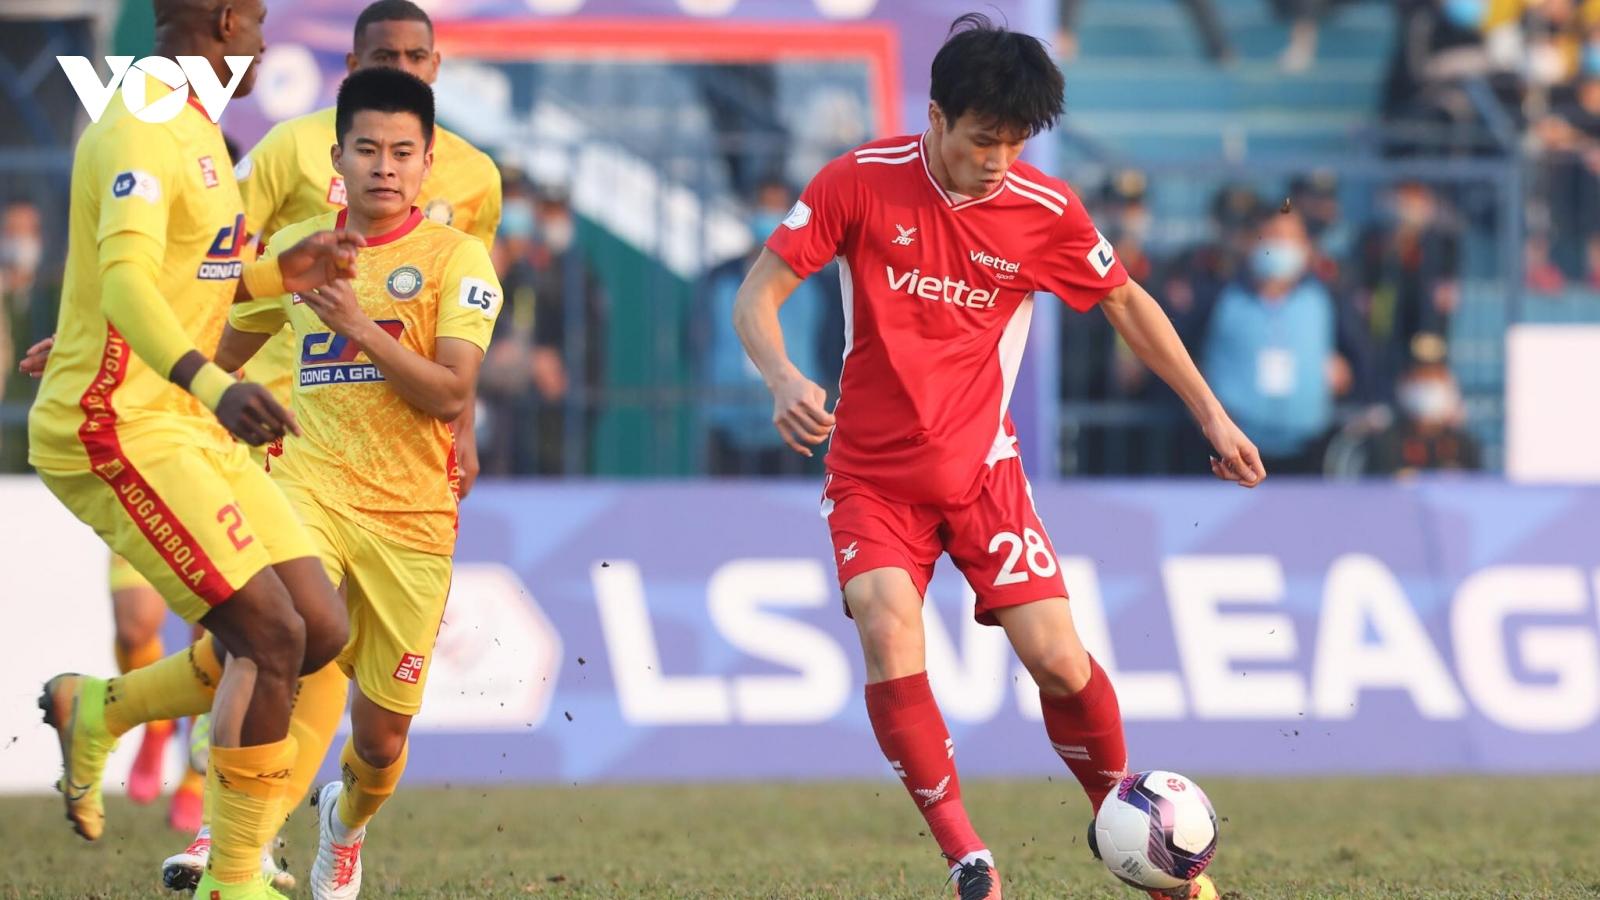 Cựu sao HAGL phung phí cơ hội, Thanh Hóa chia điểm với Viettel